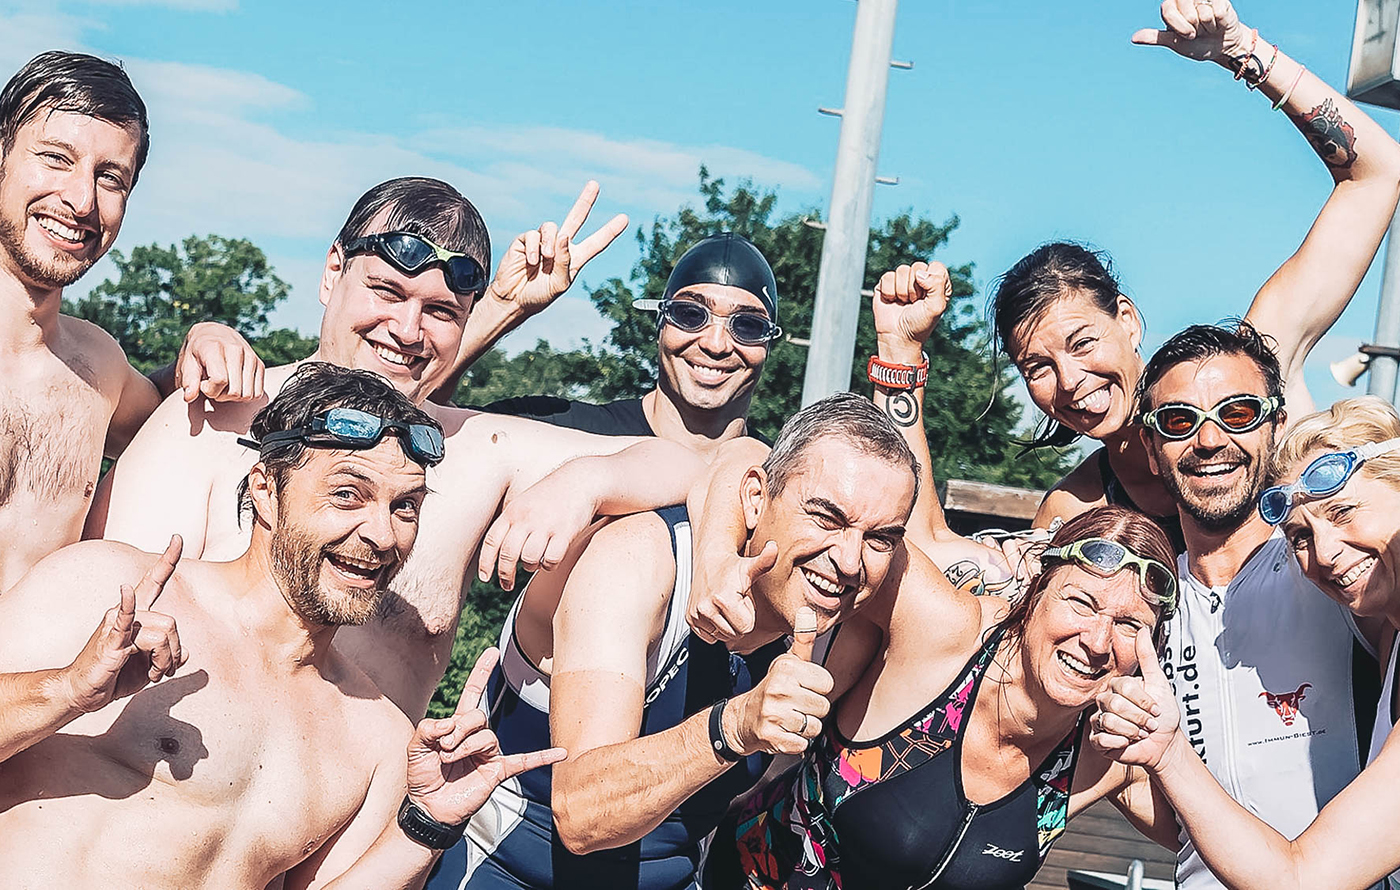 Bildquelle: Pressematerial 10 Freunde Triathlon